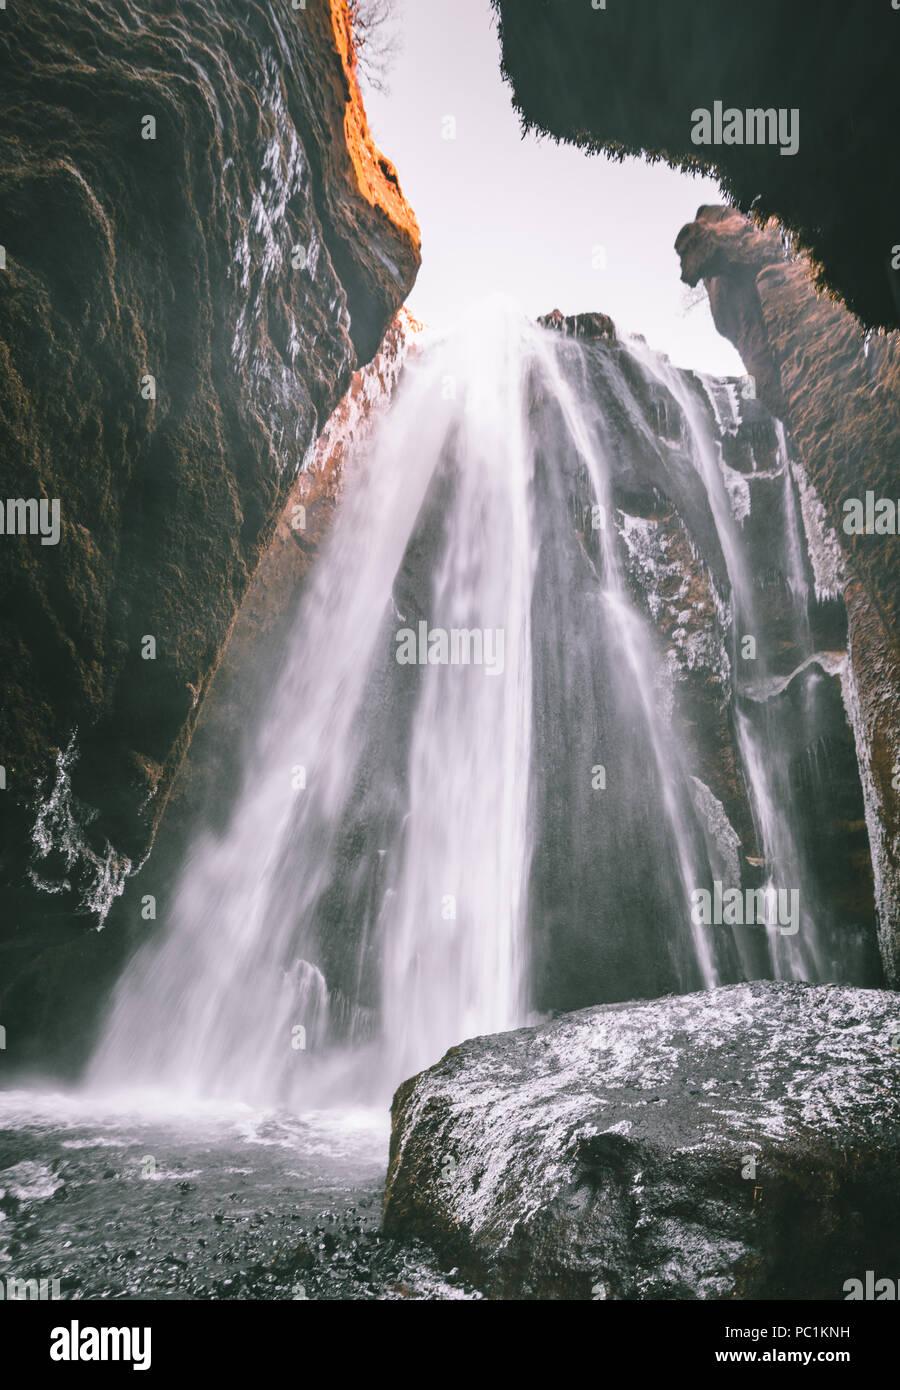 Perfekte Sicht auf berühmten leistungsstarke Gljufrabui Kaskade. Lage der Seljalandsfoss fallen, Island, Europa. Malerische Bild der beliebte Touristenattraktion. Reiseziel Konzept. Entdecken Sie die Schönheit der Erde. Stockbild